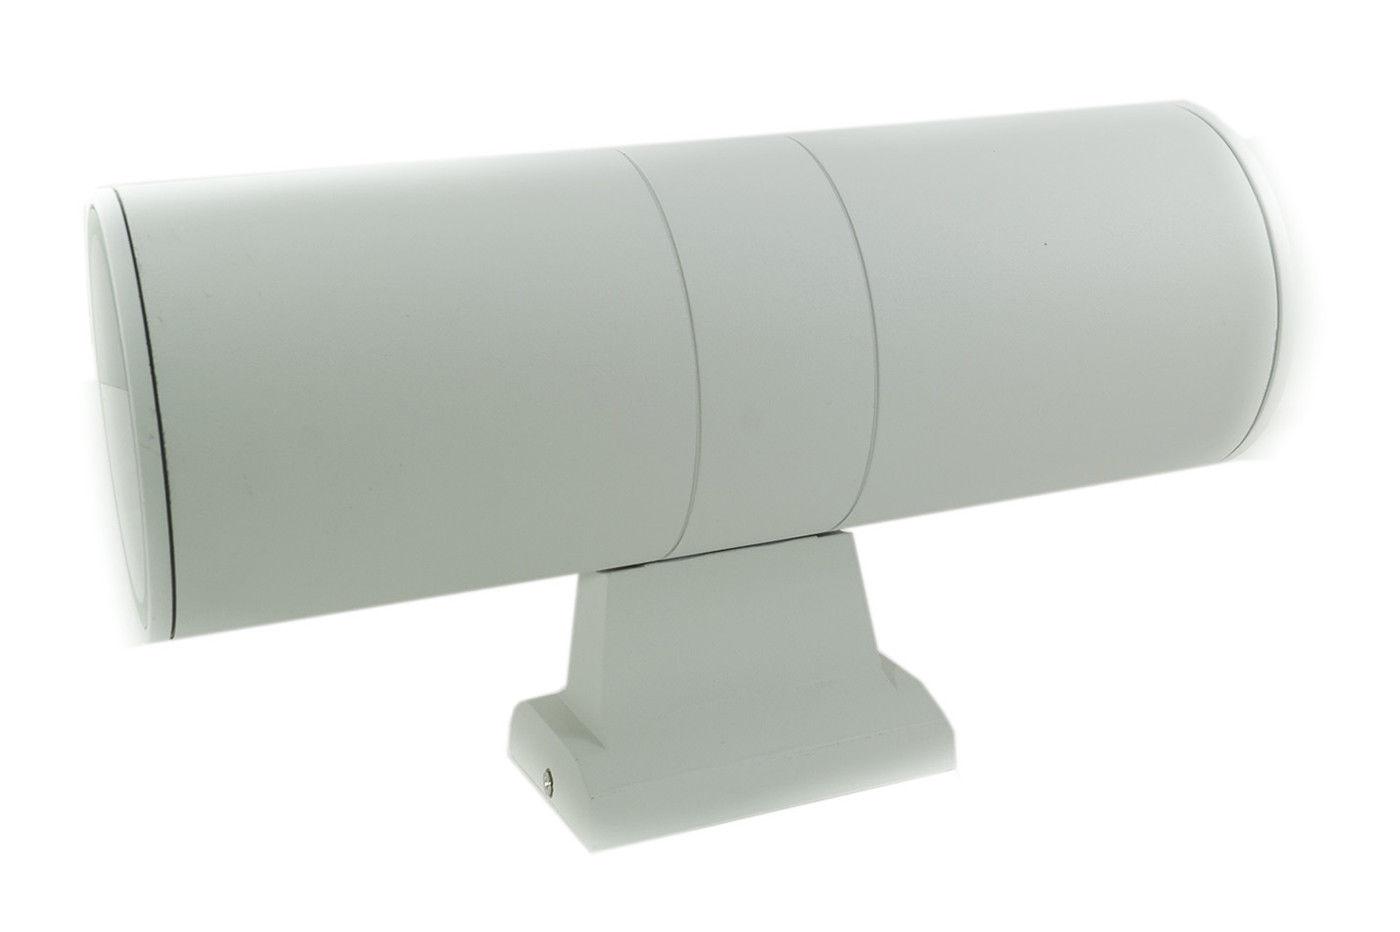 Plafoniere Da Muro Per Esterni : Bes 20964 applique beselettronica esterno bianco e27